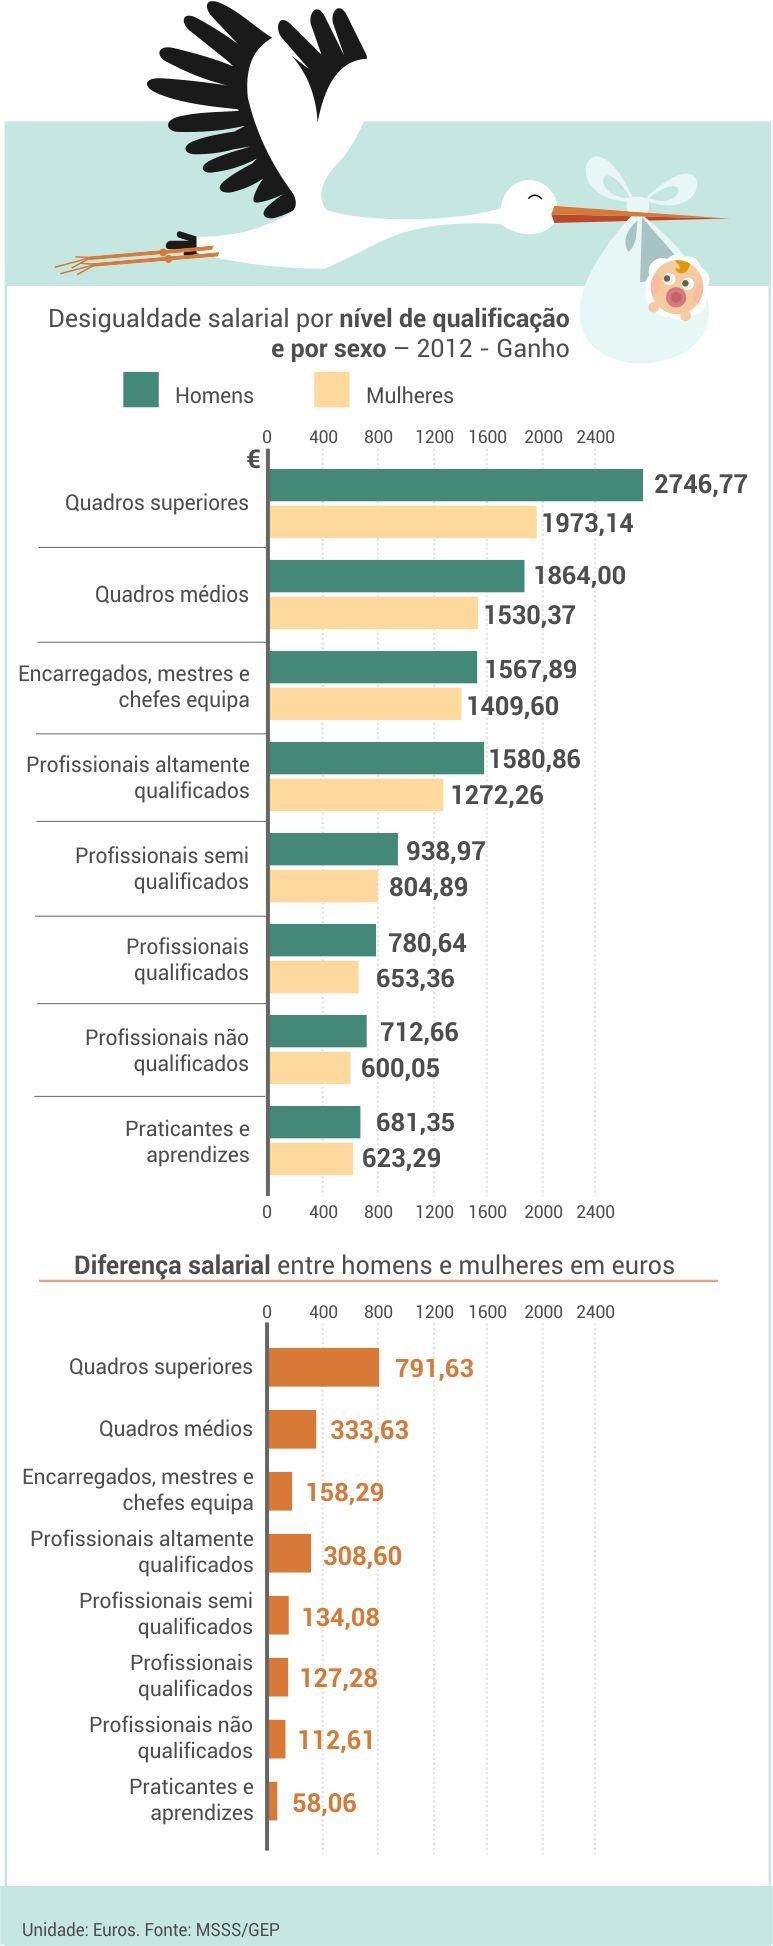 desigualdade_salarial_nivel_qualificacao_sexo